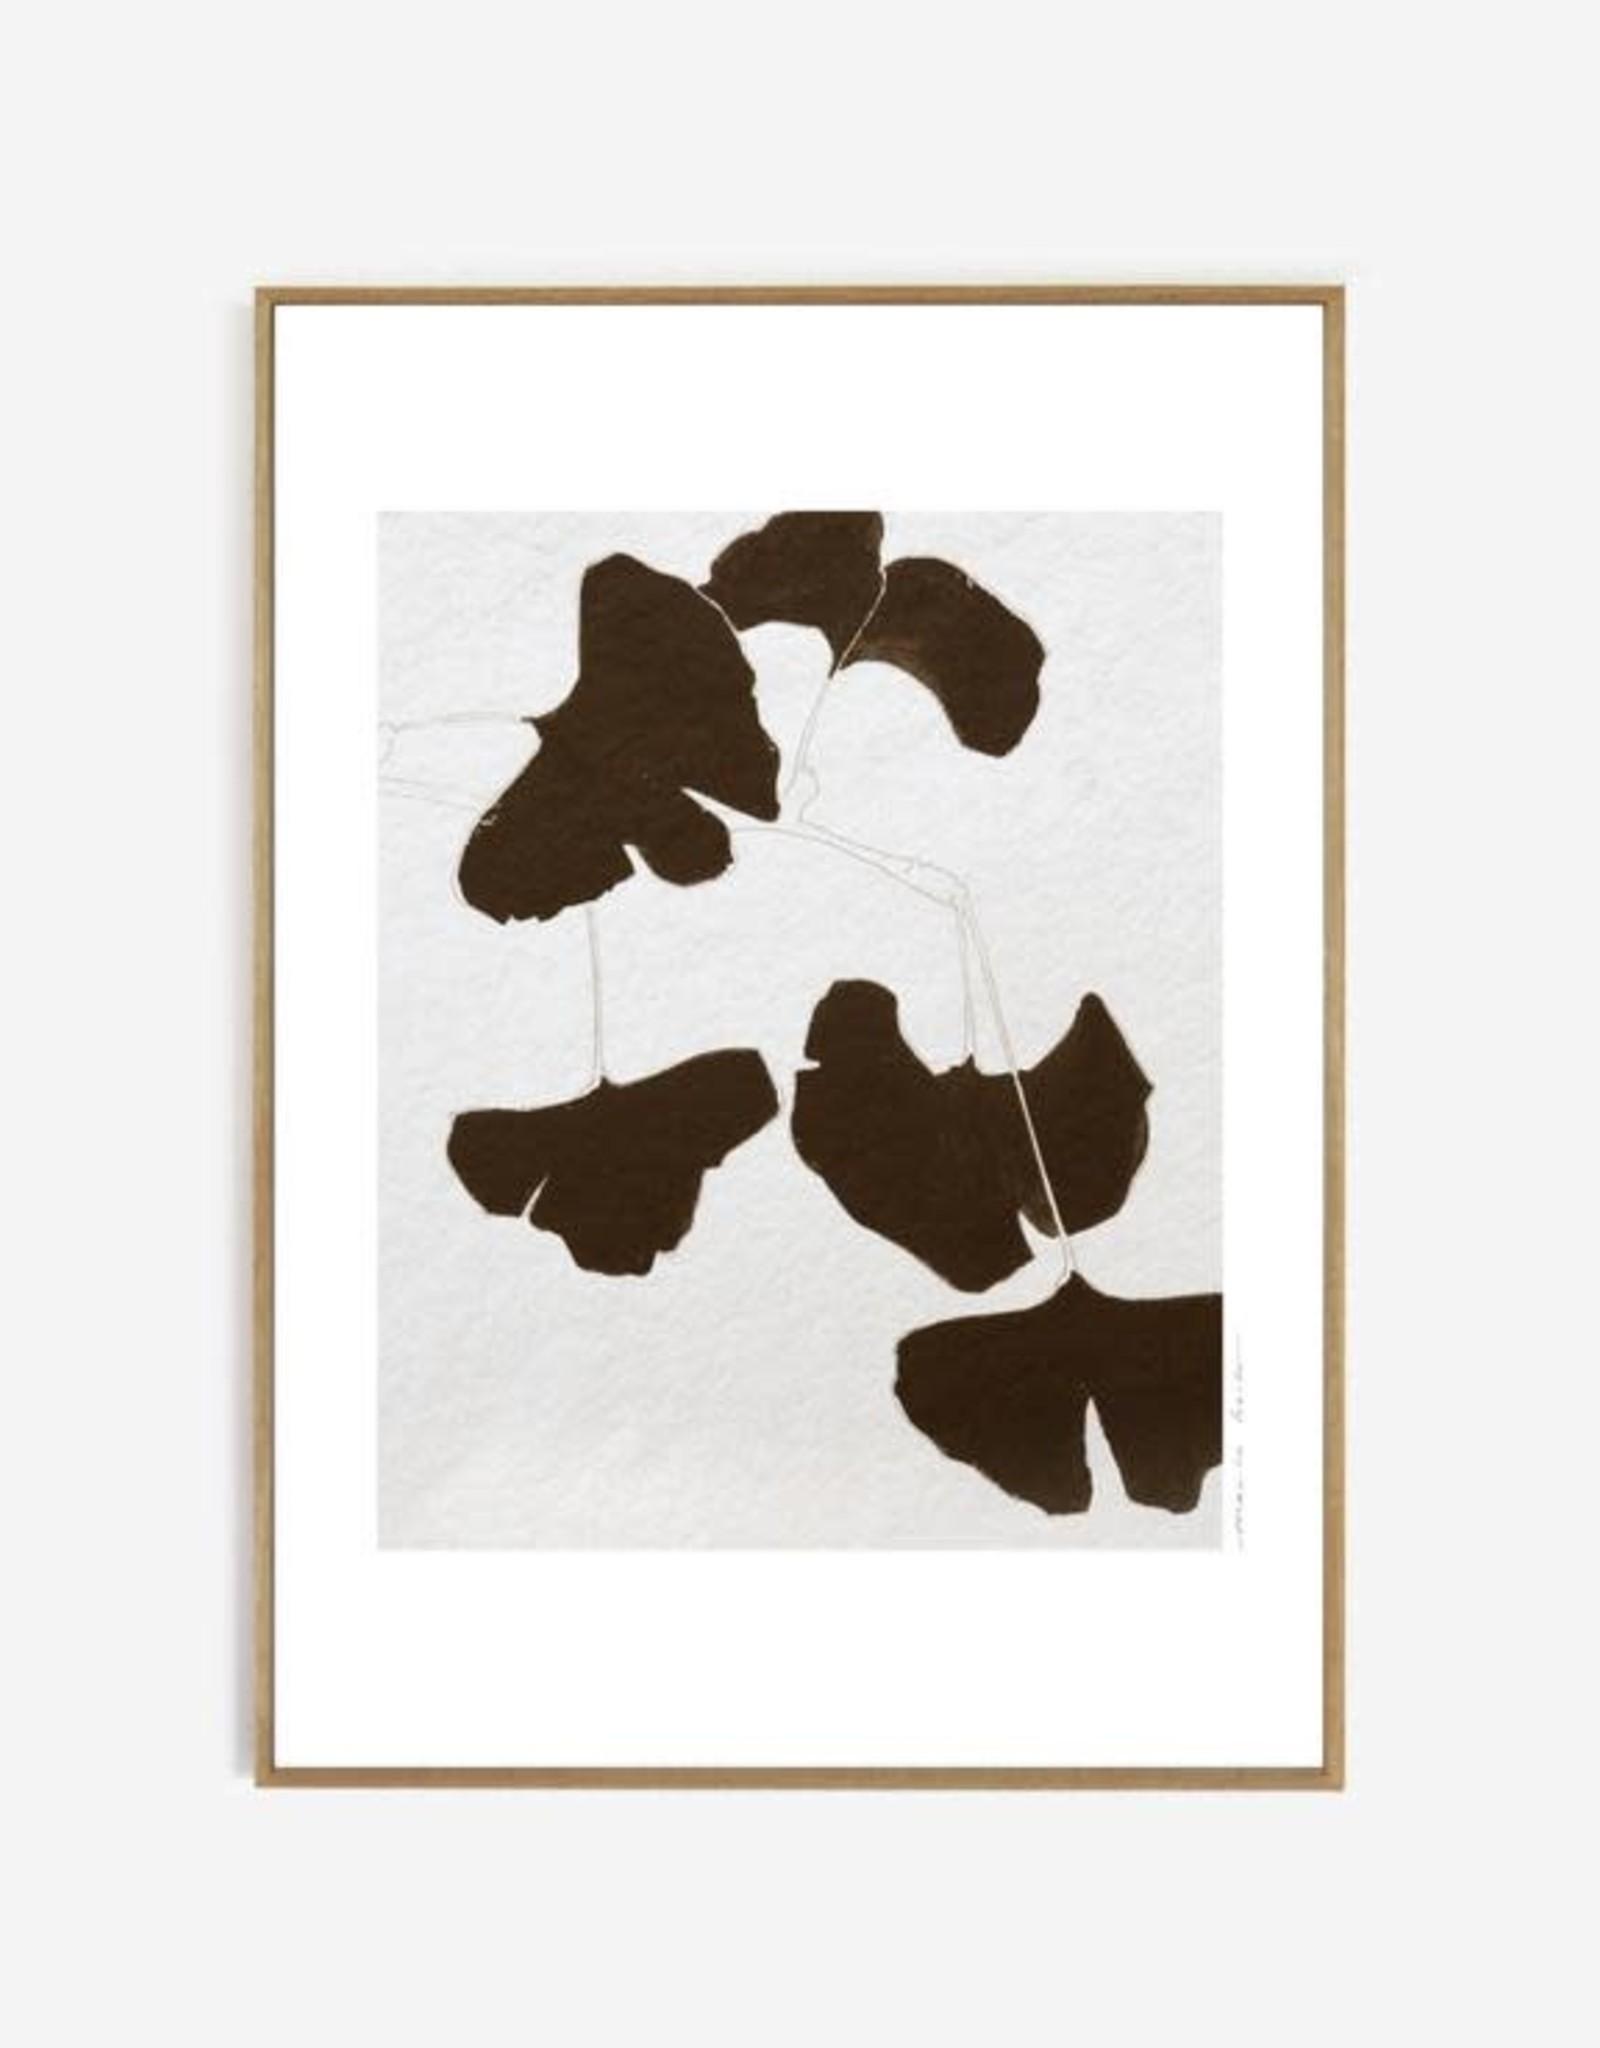 My Deer Art Shop 'Galerie de Botanique' 40x50cm limited edition